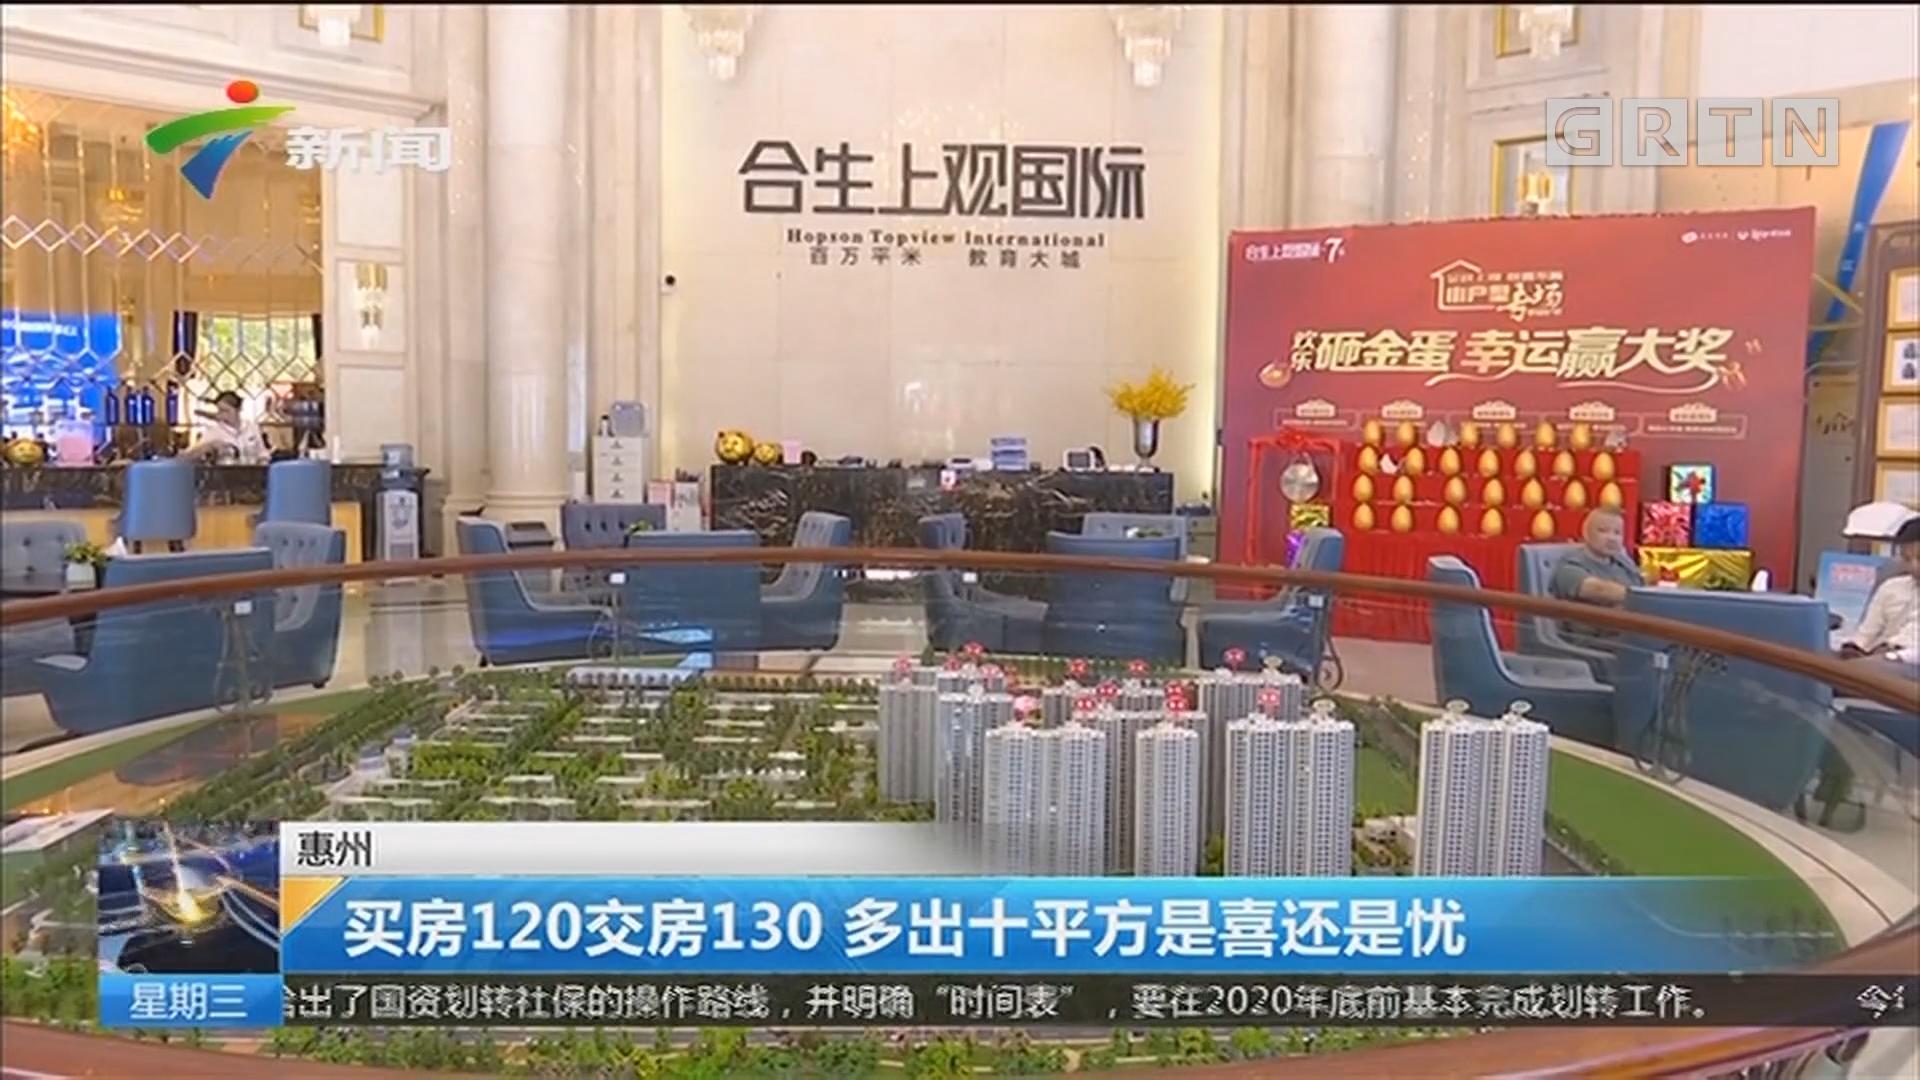 惠州:买房120交房130 多出十平方是喜还是忧